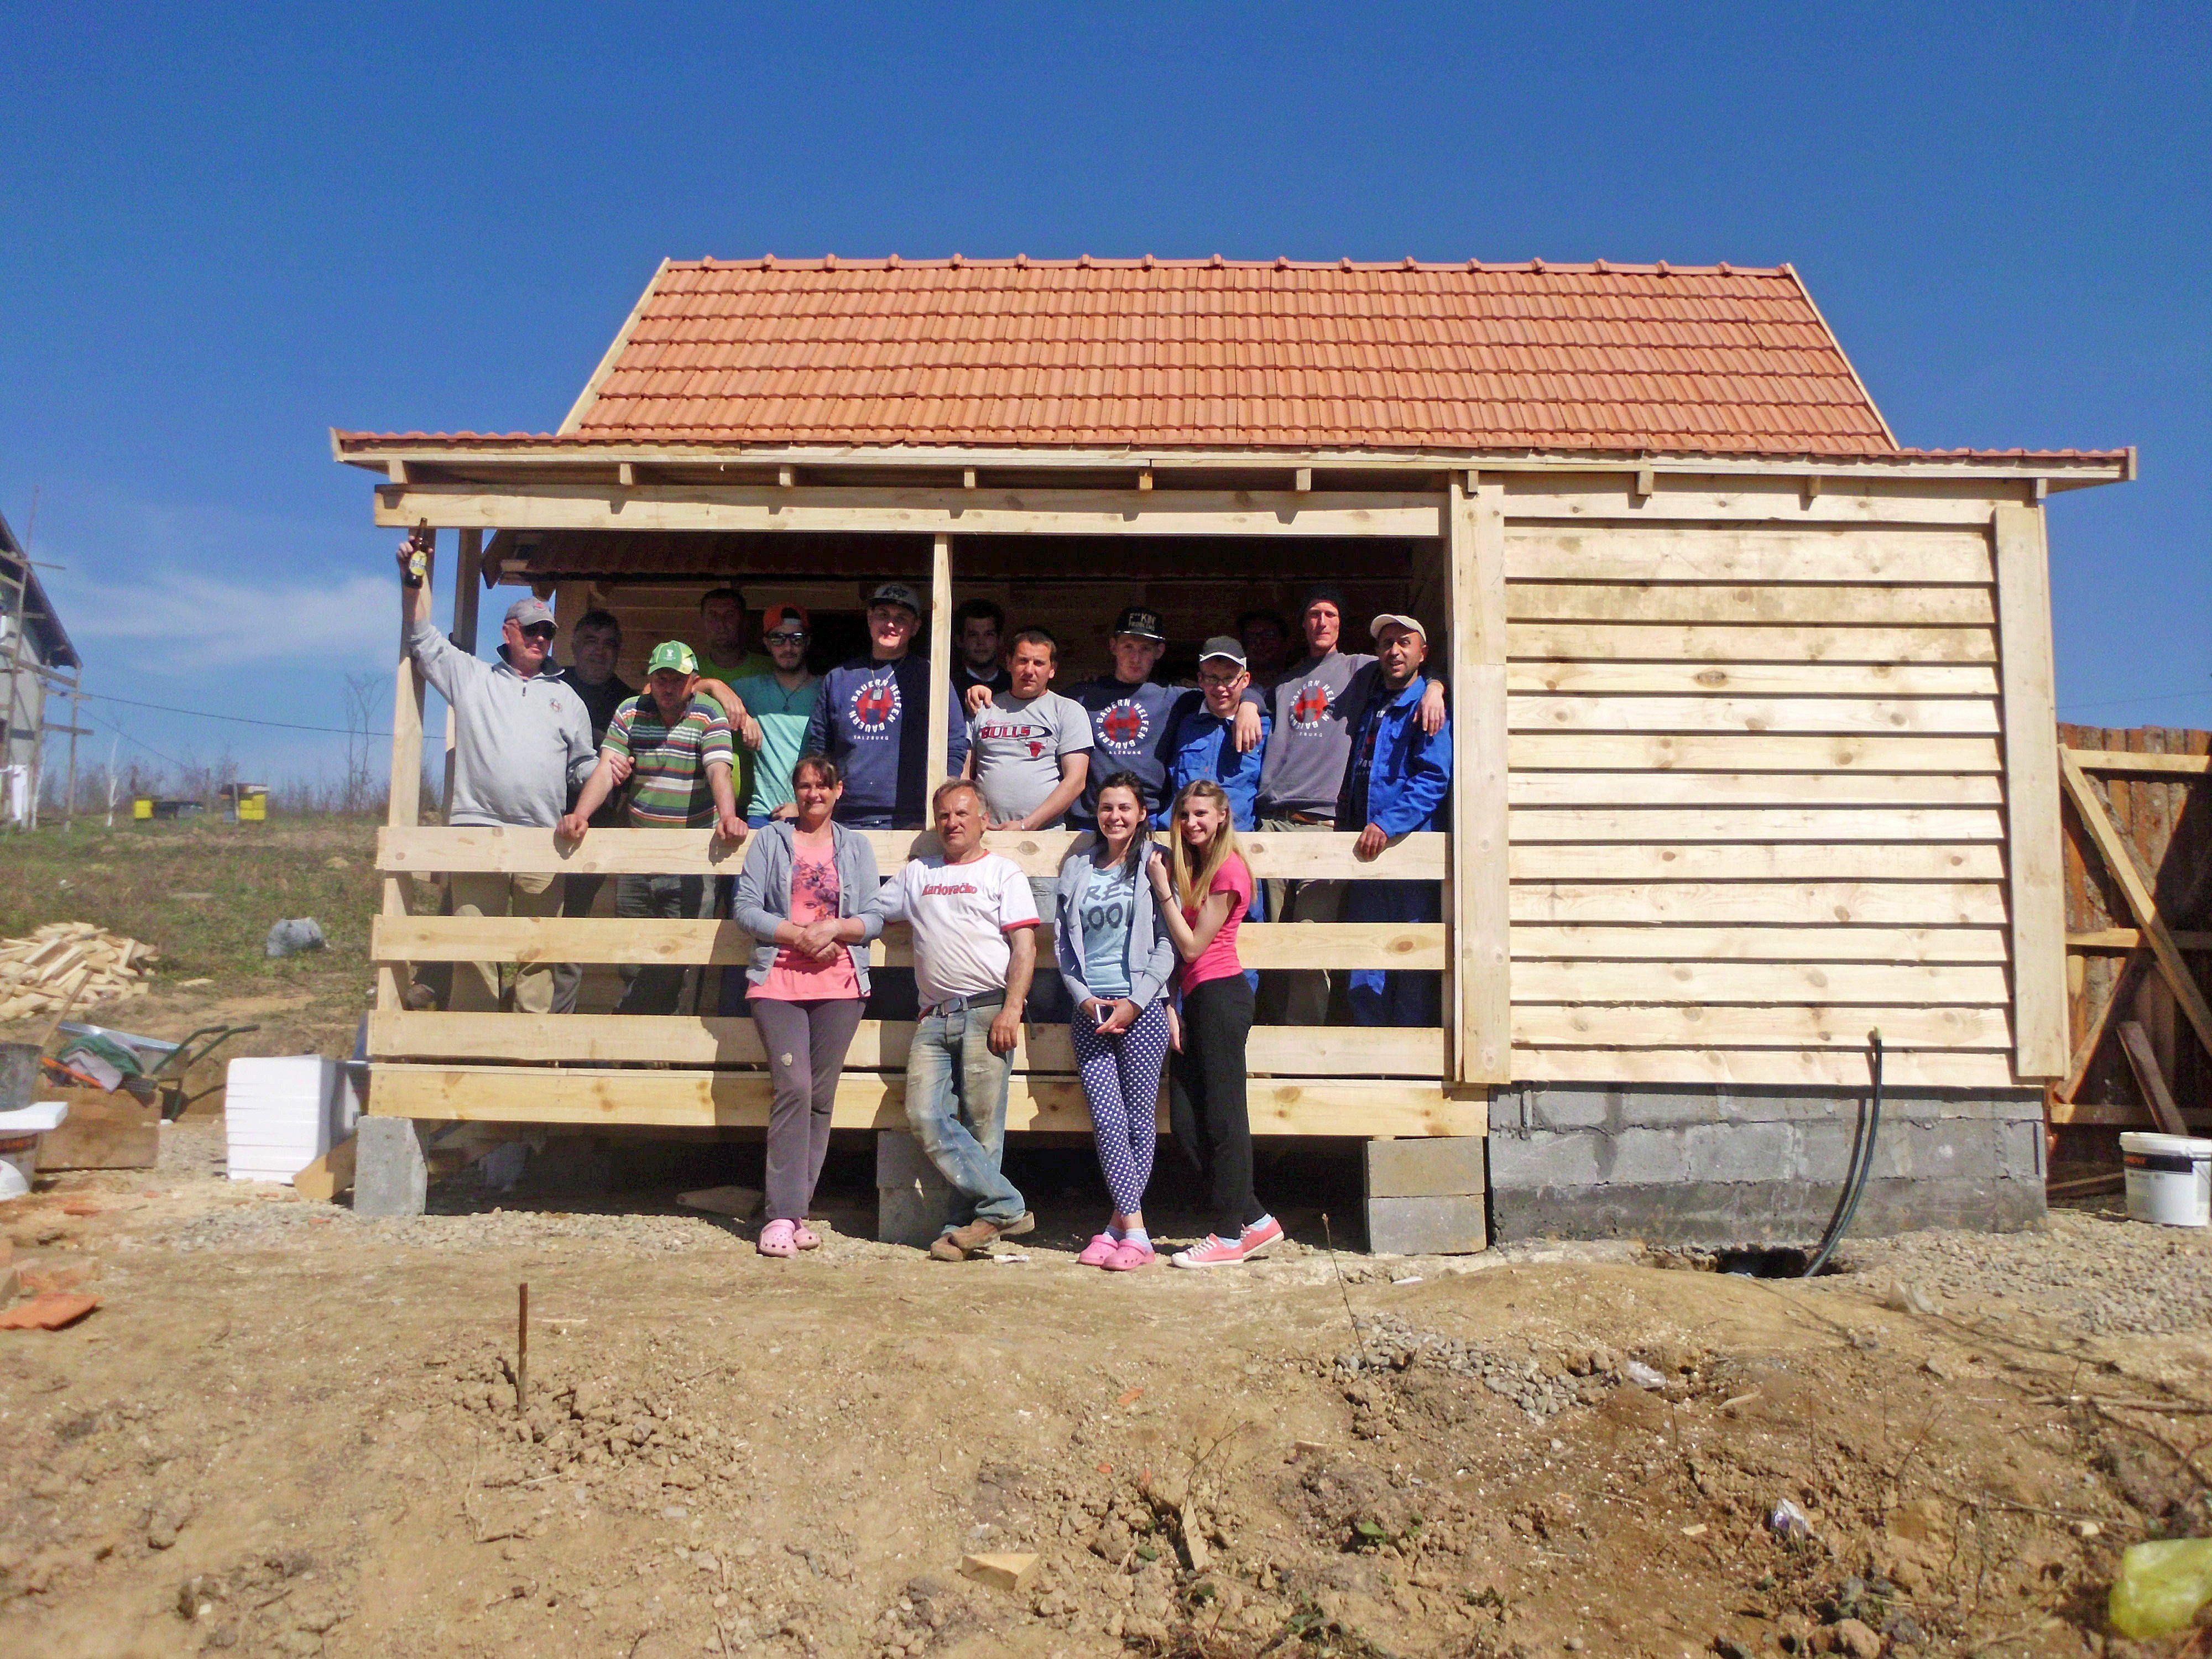 Mit dem Projekt wurden Brücken gebaut zwischen Menschen mit besonderen Bedürfnissen, arbeitslosen Jugendlichen und bosnischen Kriegshinterbliebenen.